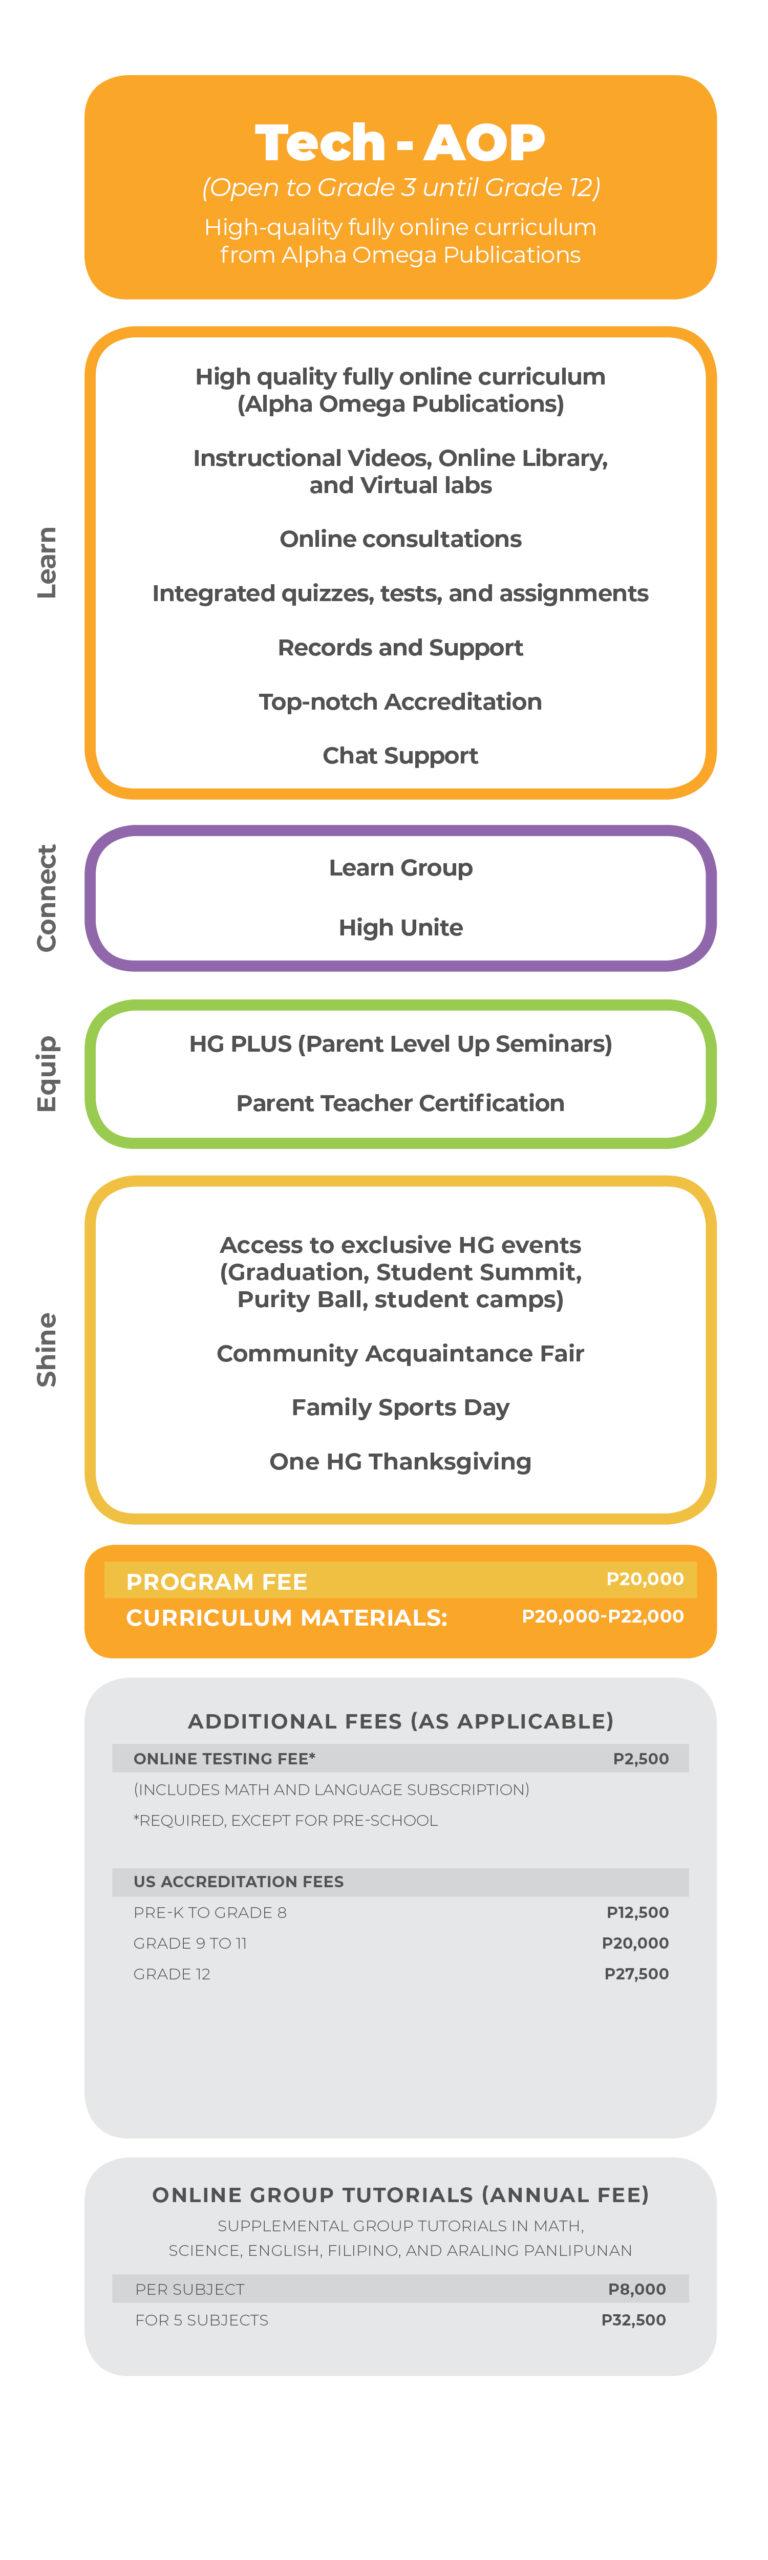 HGPH Programs 150520202